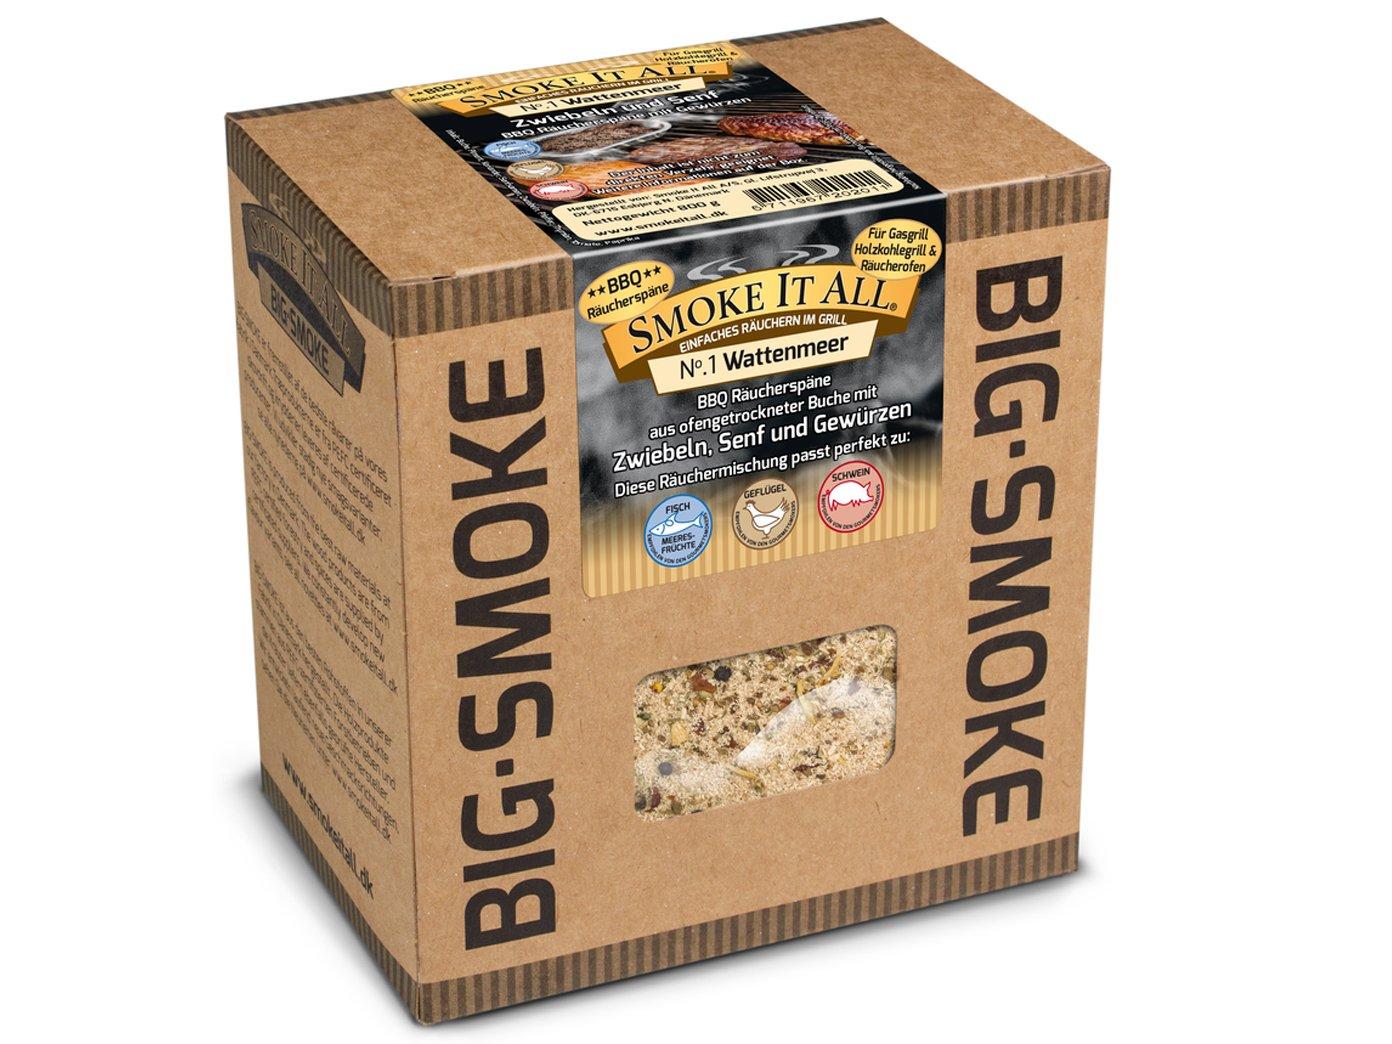 Smoke it All BBQ serrín - Gránulos aromáticos para quemador con Especias. 800 gr. - watten Mar de: Amazon.es: Jardín